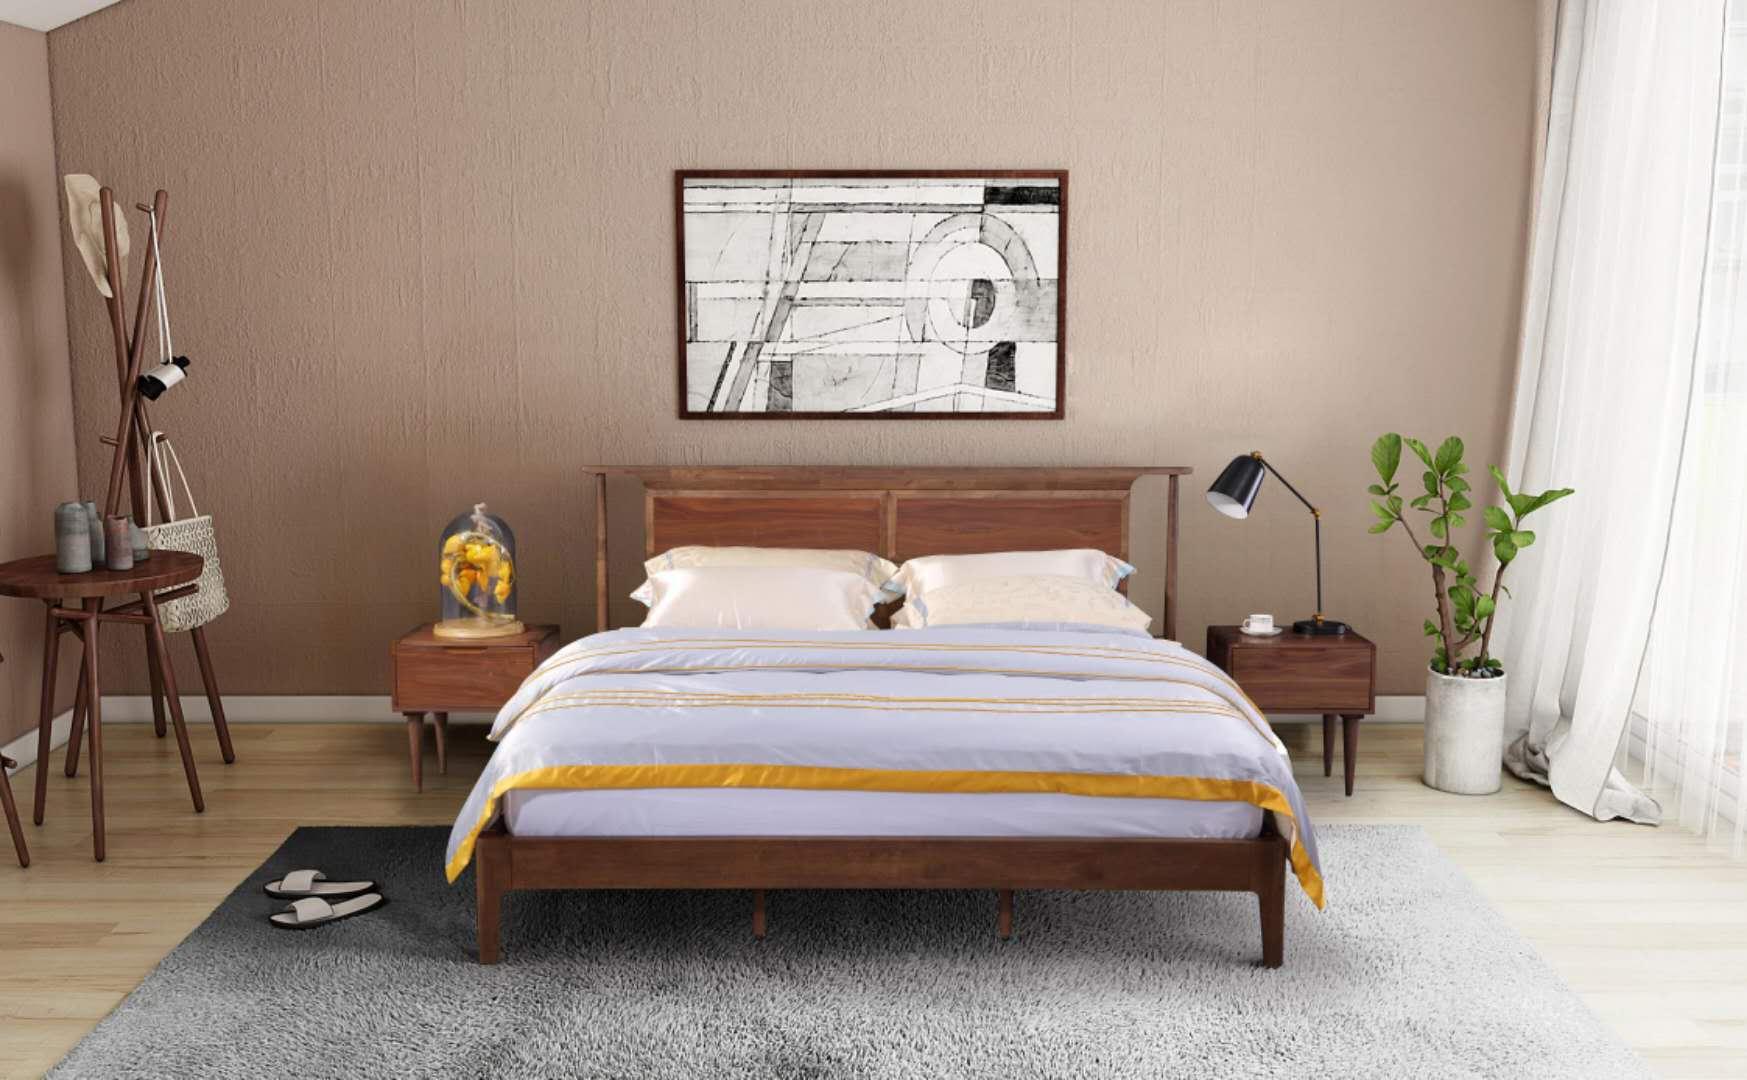 马来西亚原装进口床头柜b03-1